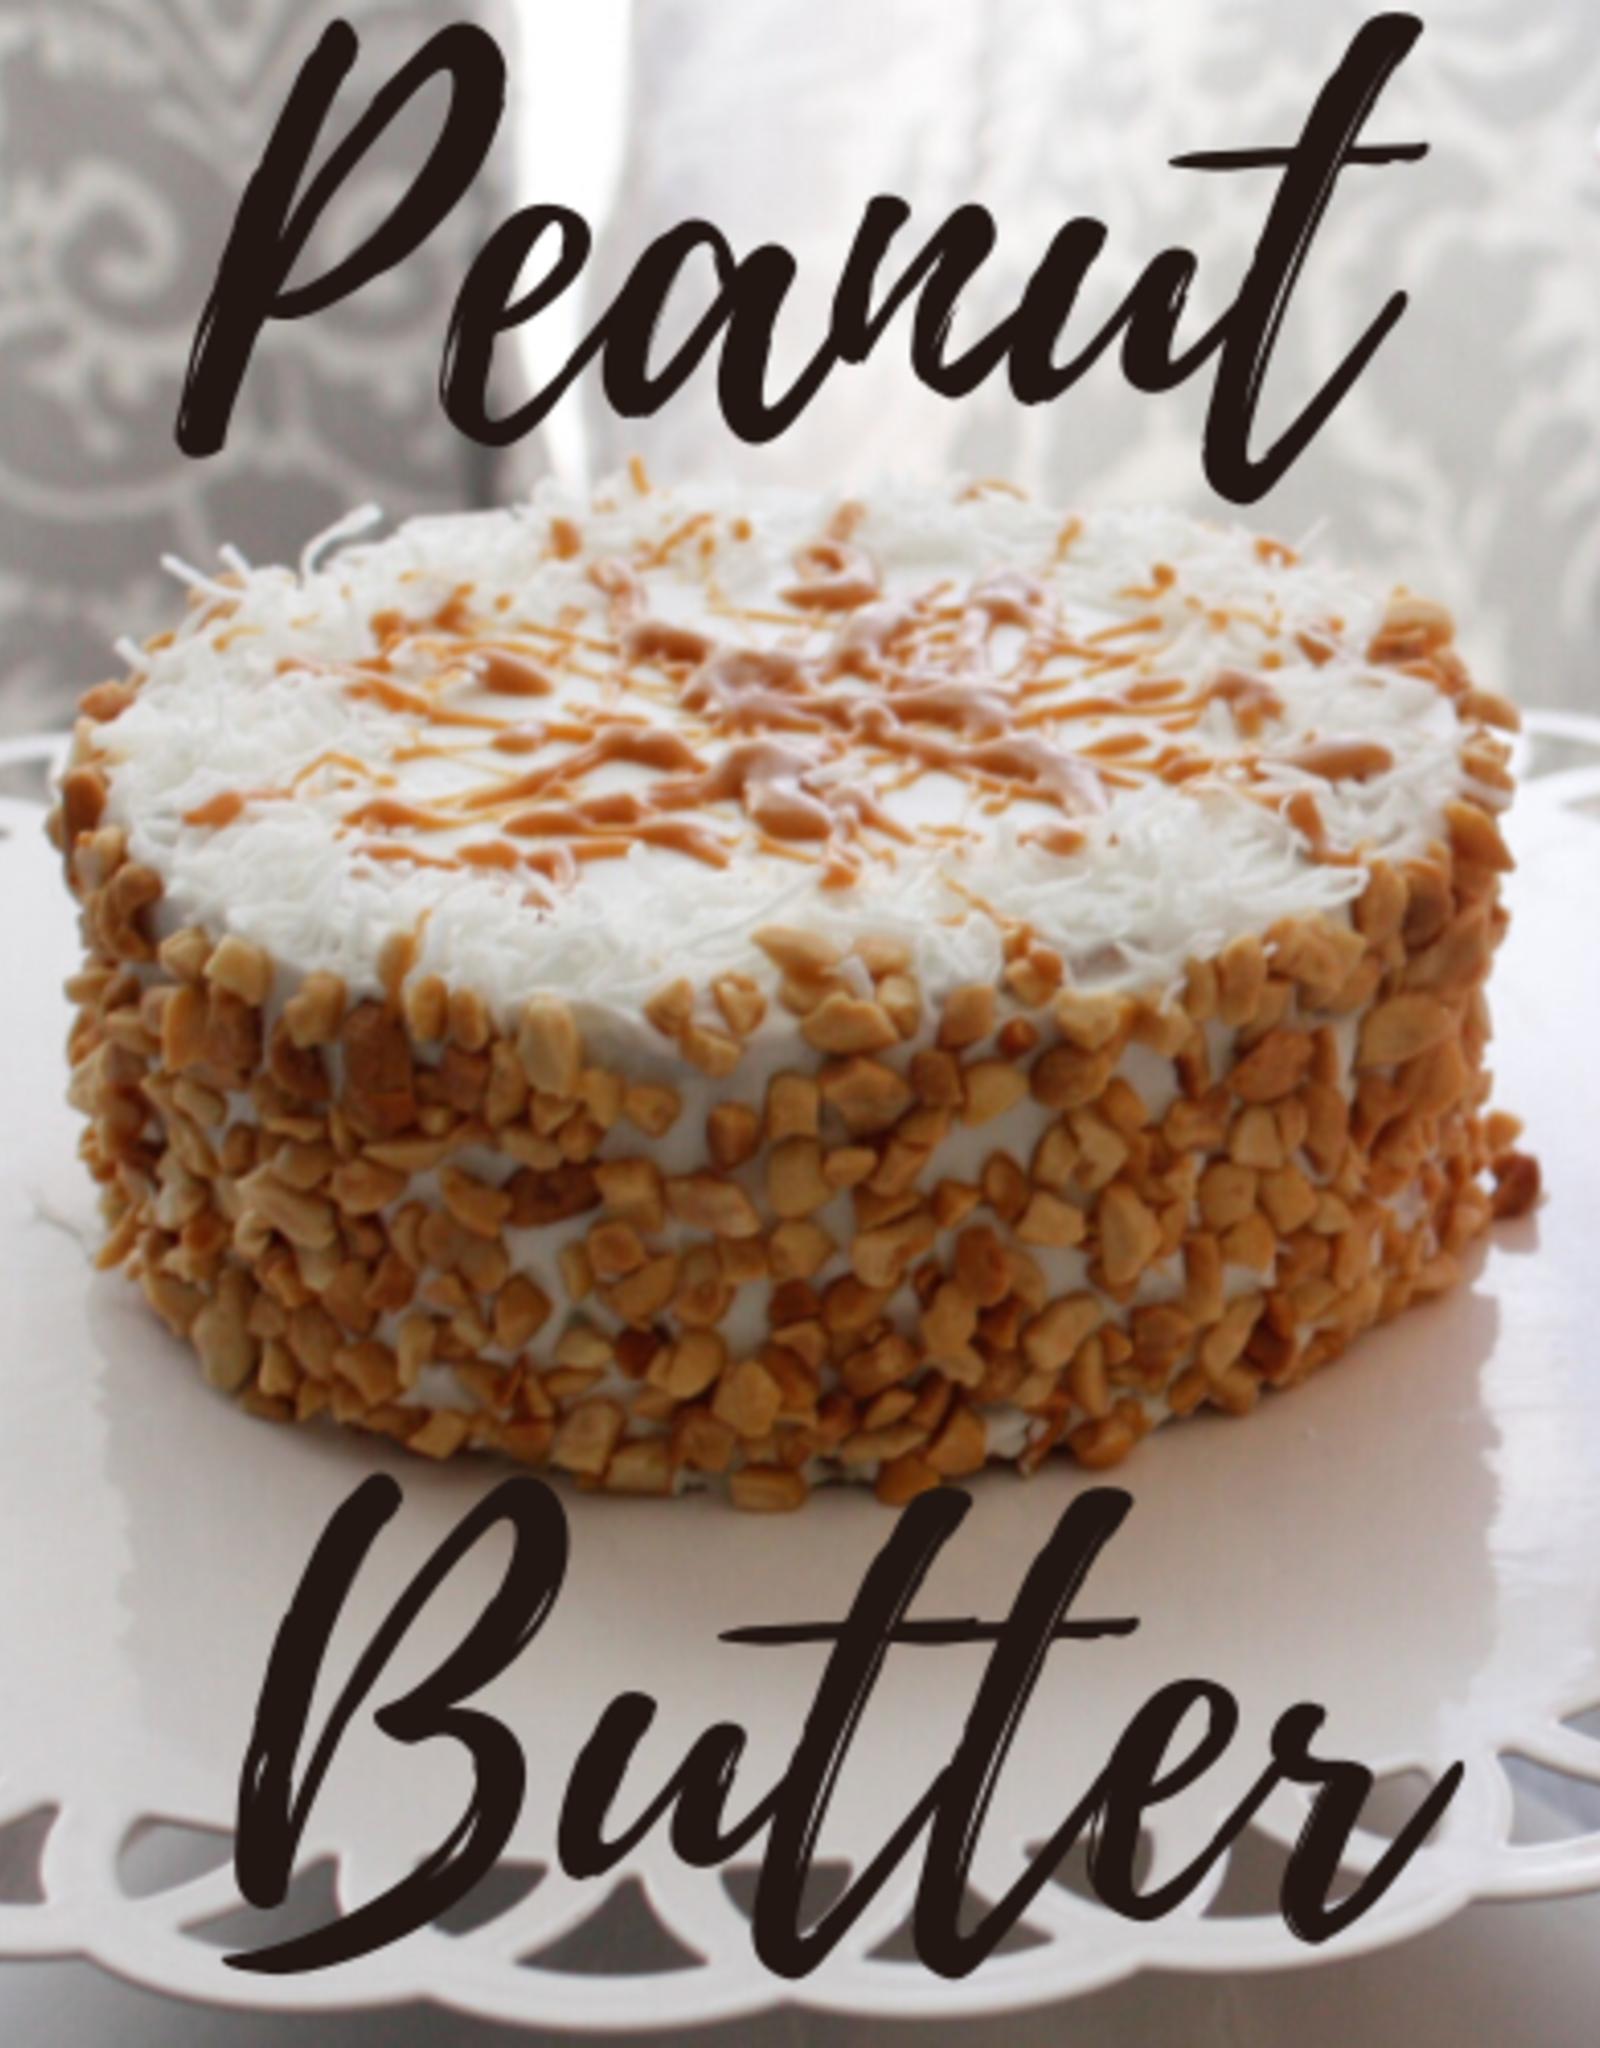 Idaho Barkery Peanut Butter Birthday Cake